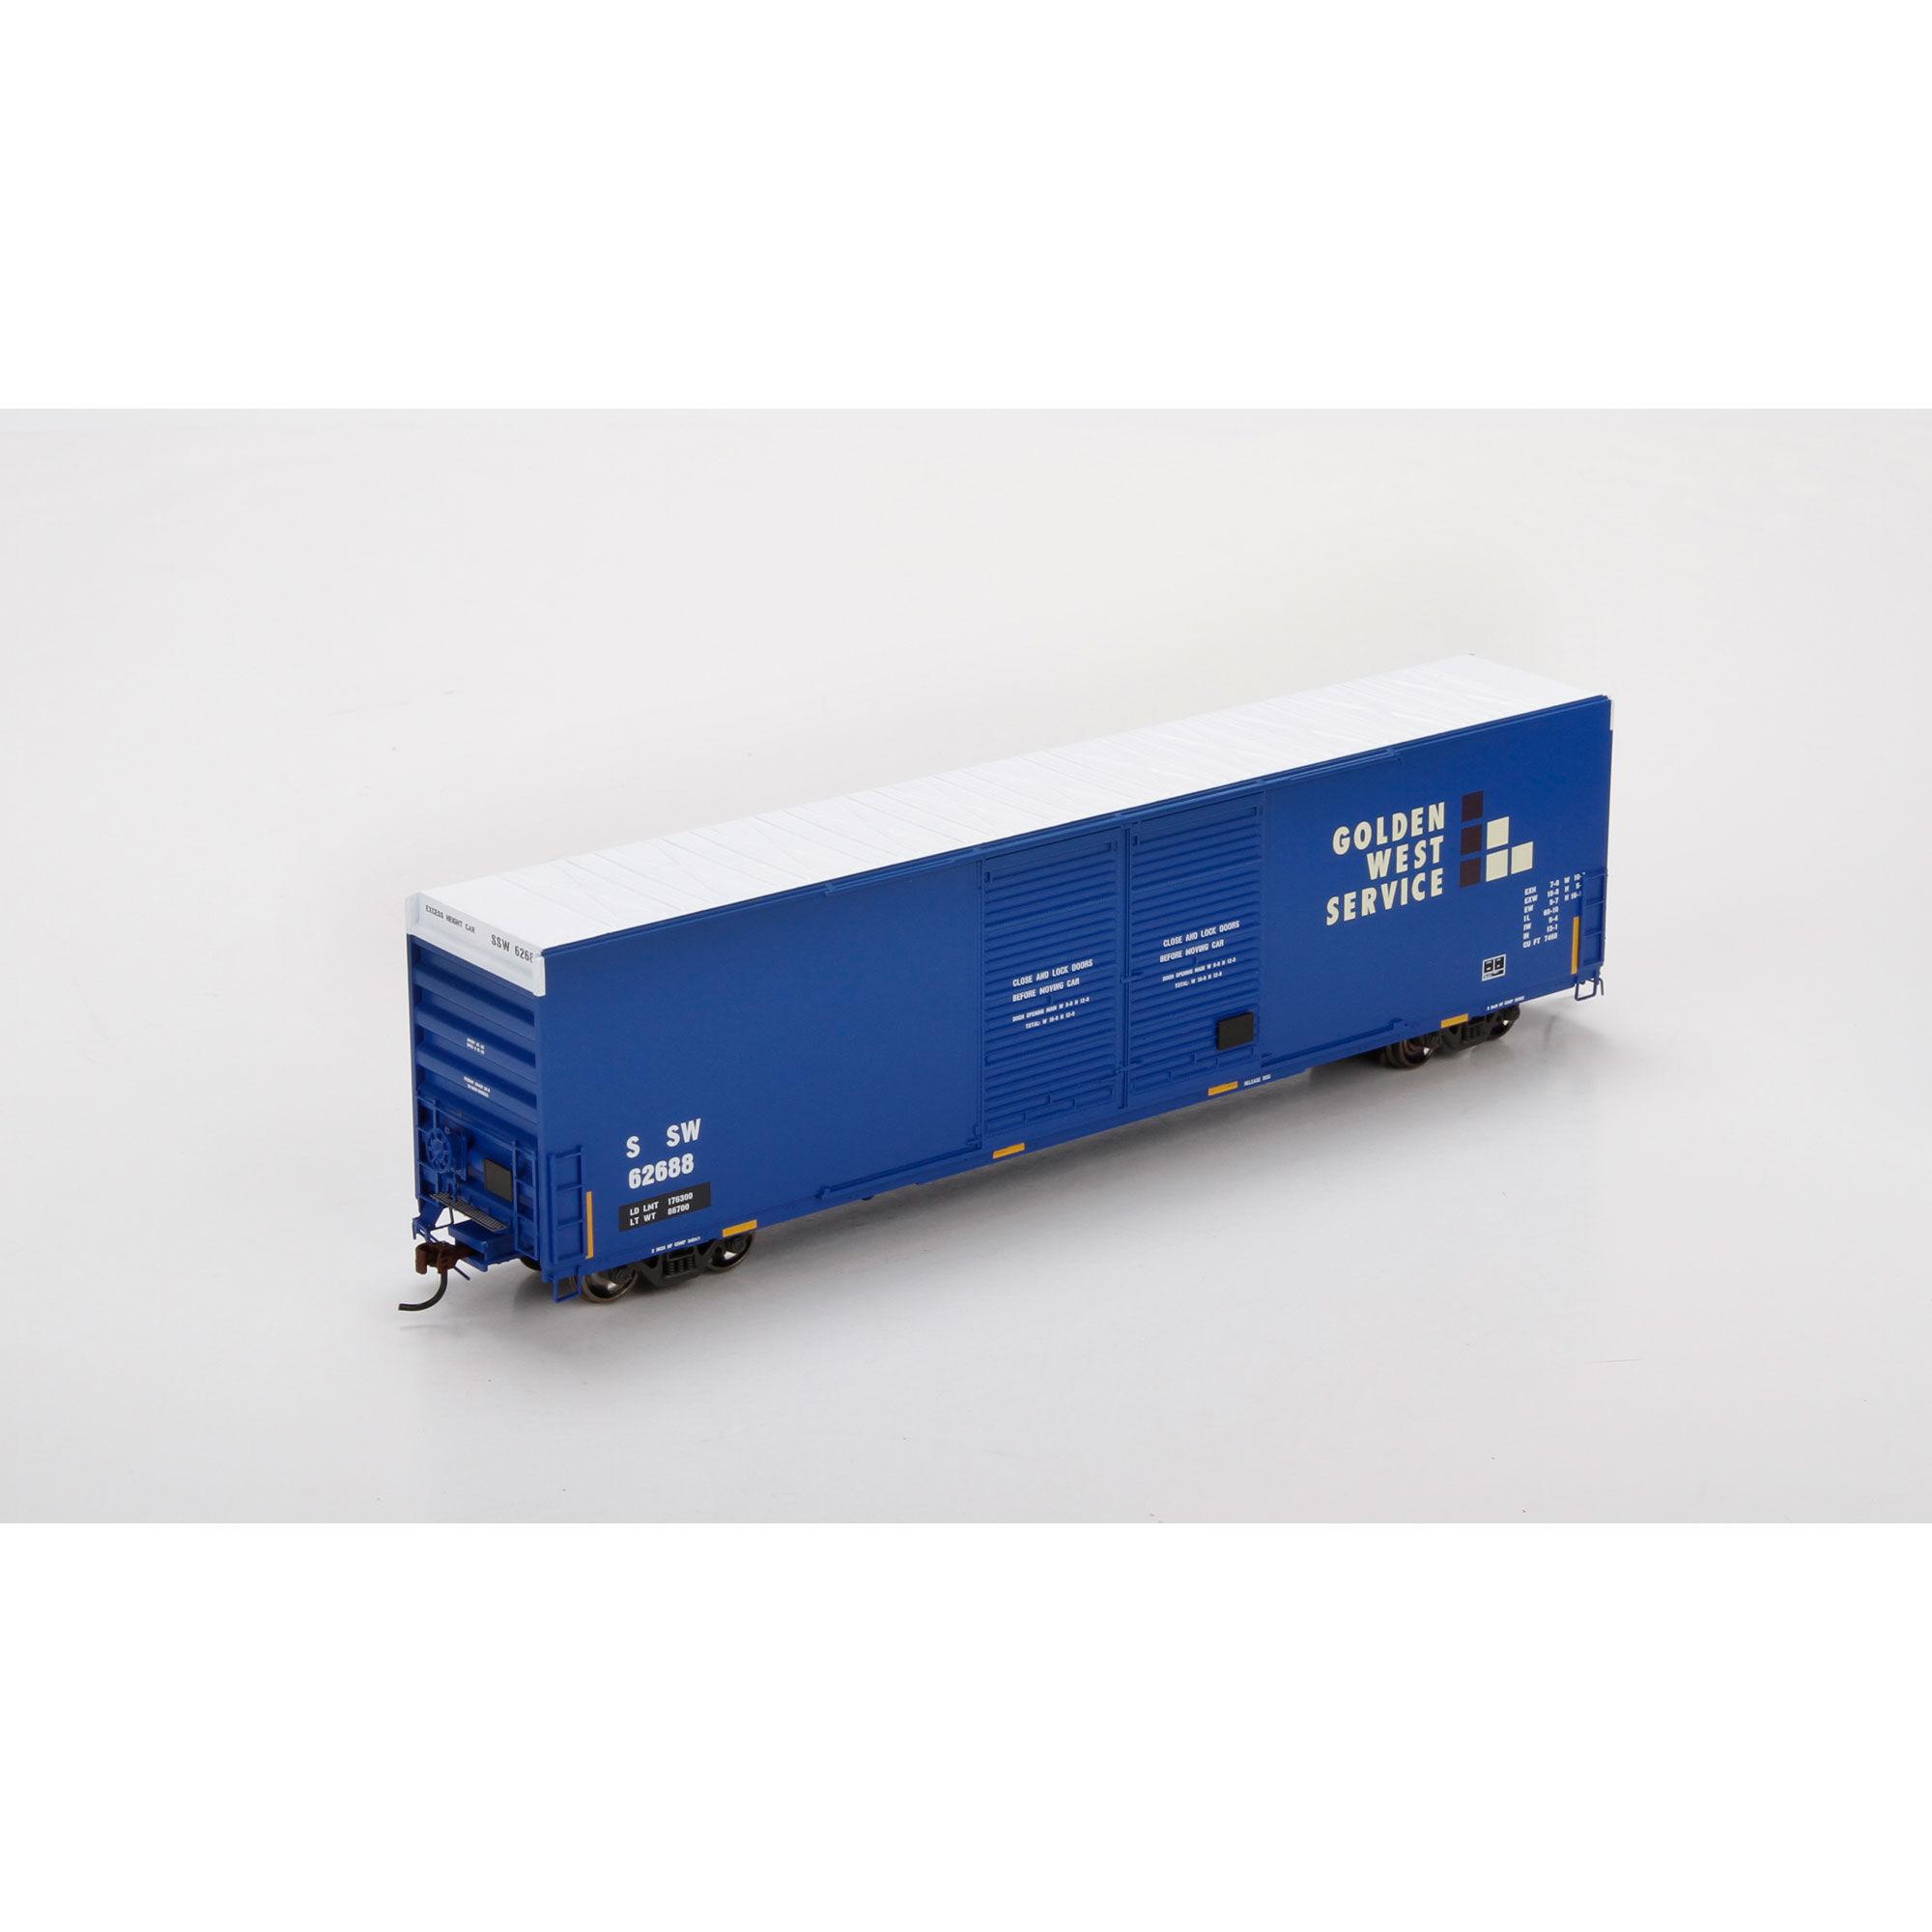 Athearn 87179 HO FMC 60' DD Hi-Cube Box, SSW/Ex-GWS #62688